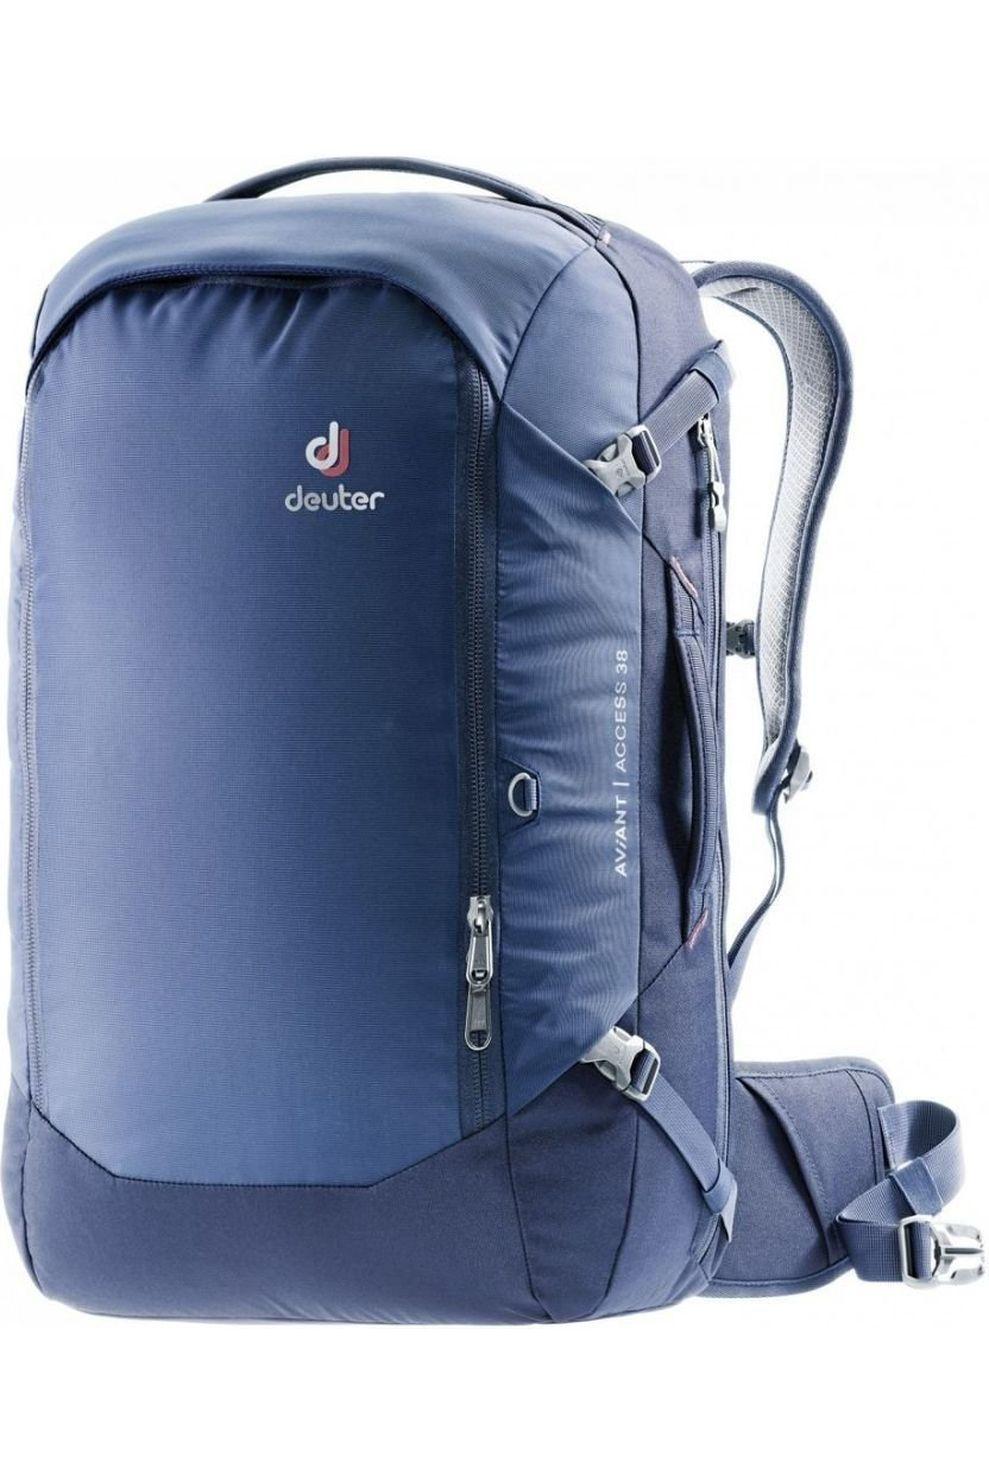 Deuter Tourpack Aviant Access 38 voor heren - Blauw